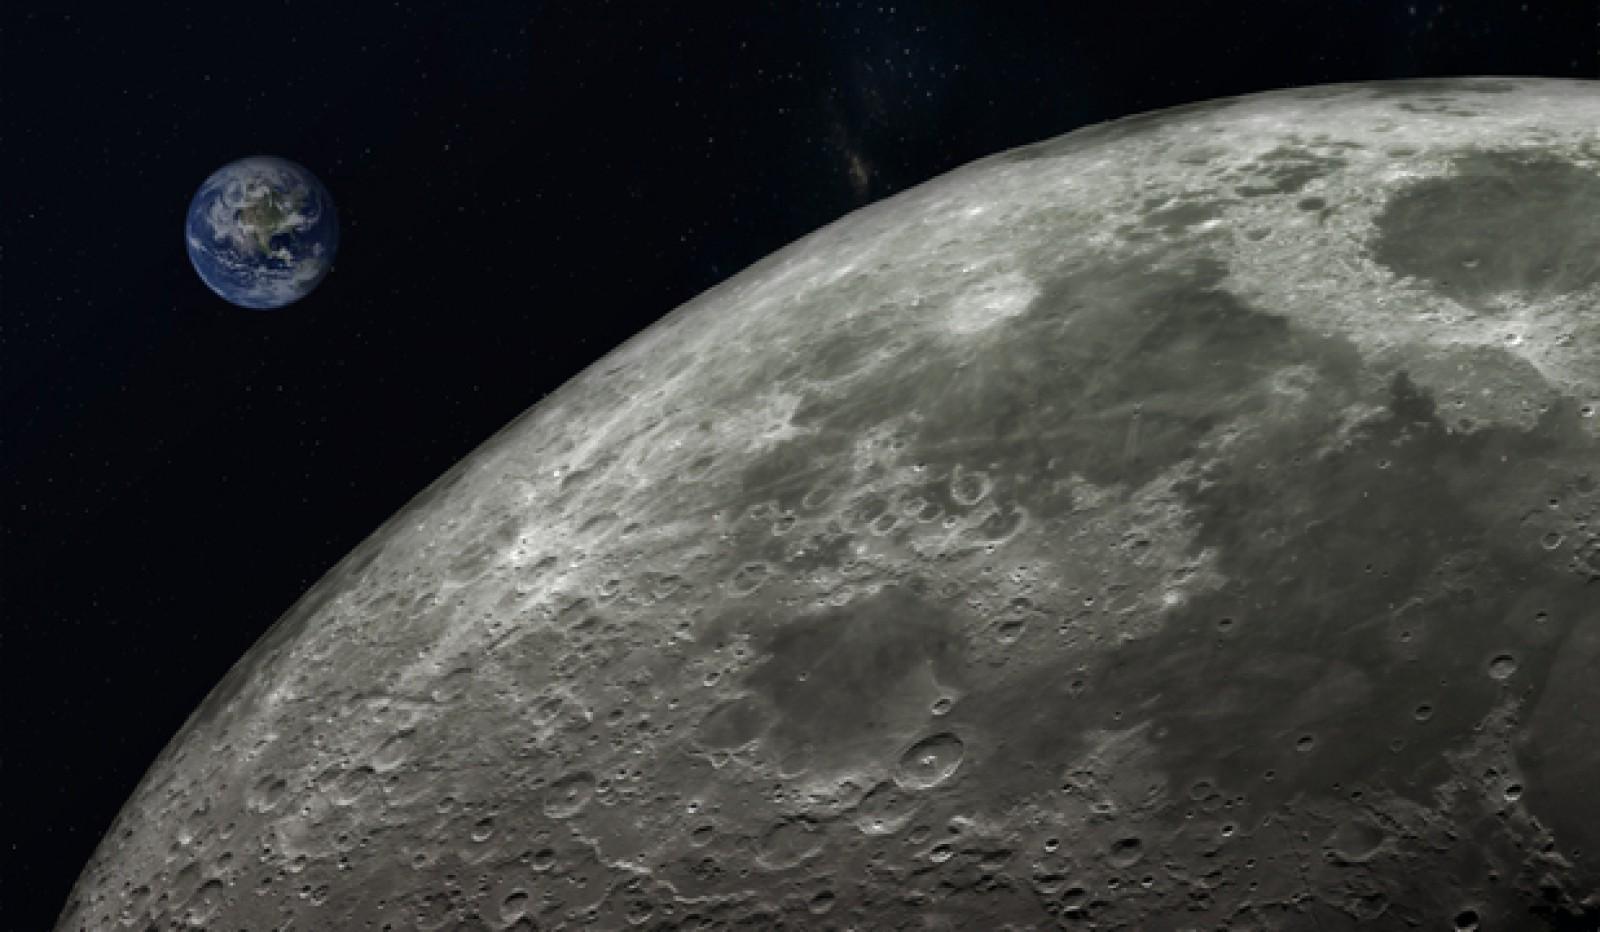 Chinezii au lansat un satelit care va orbita Luna